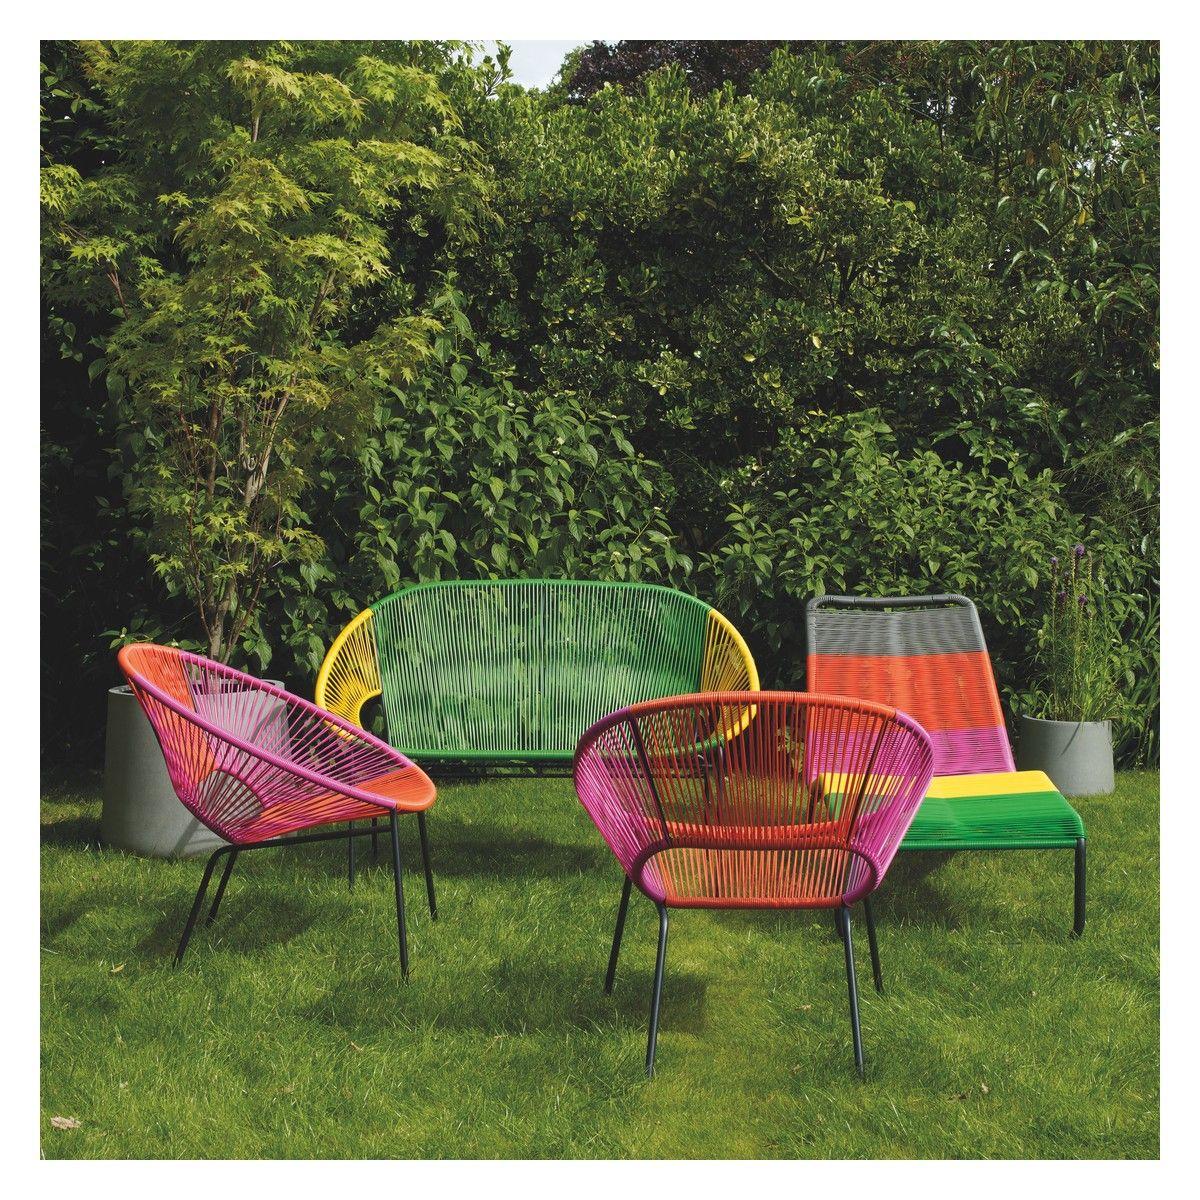 Jambi woven garden chair buy now at habitat uk